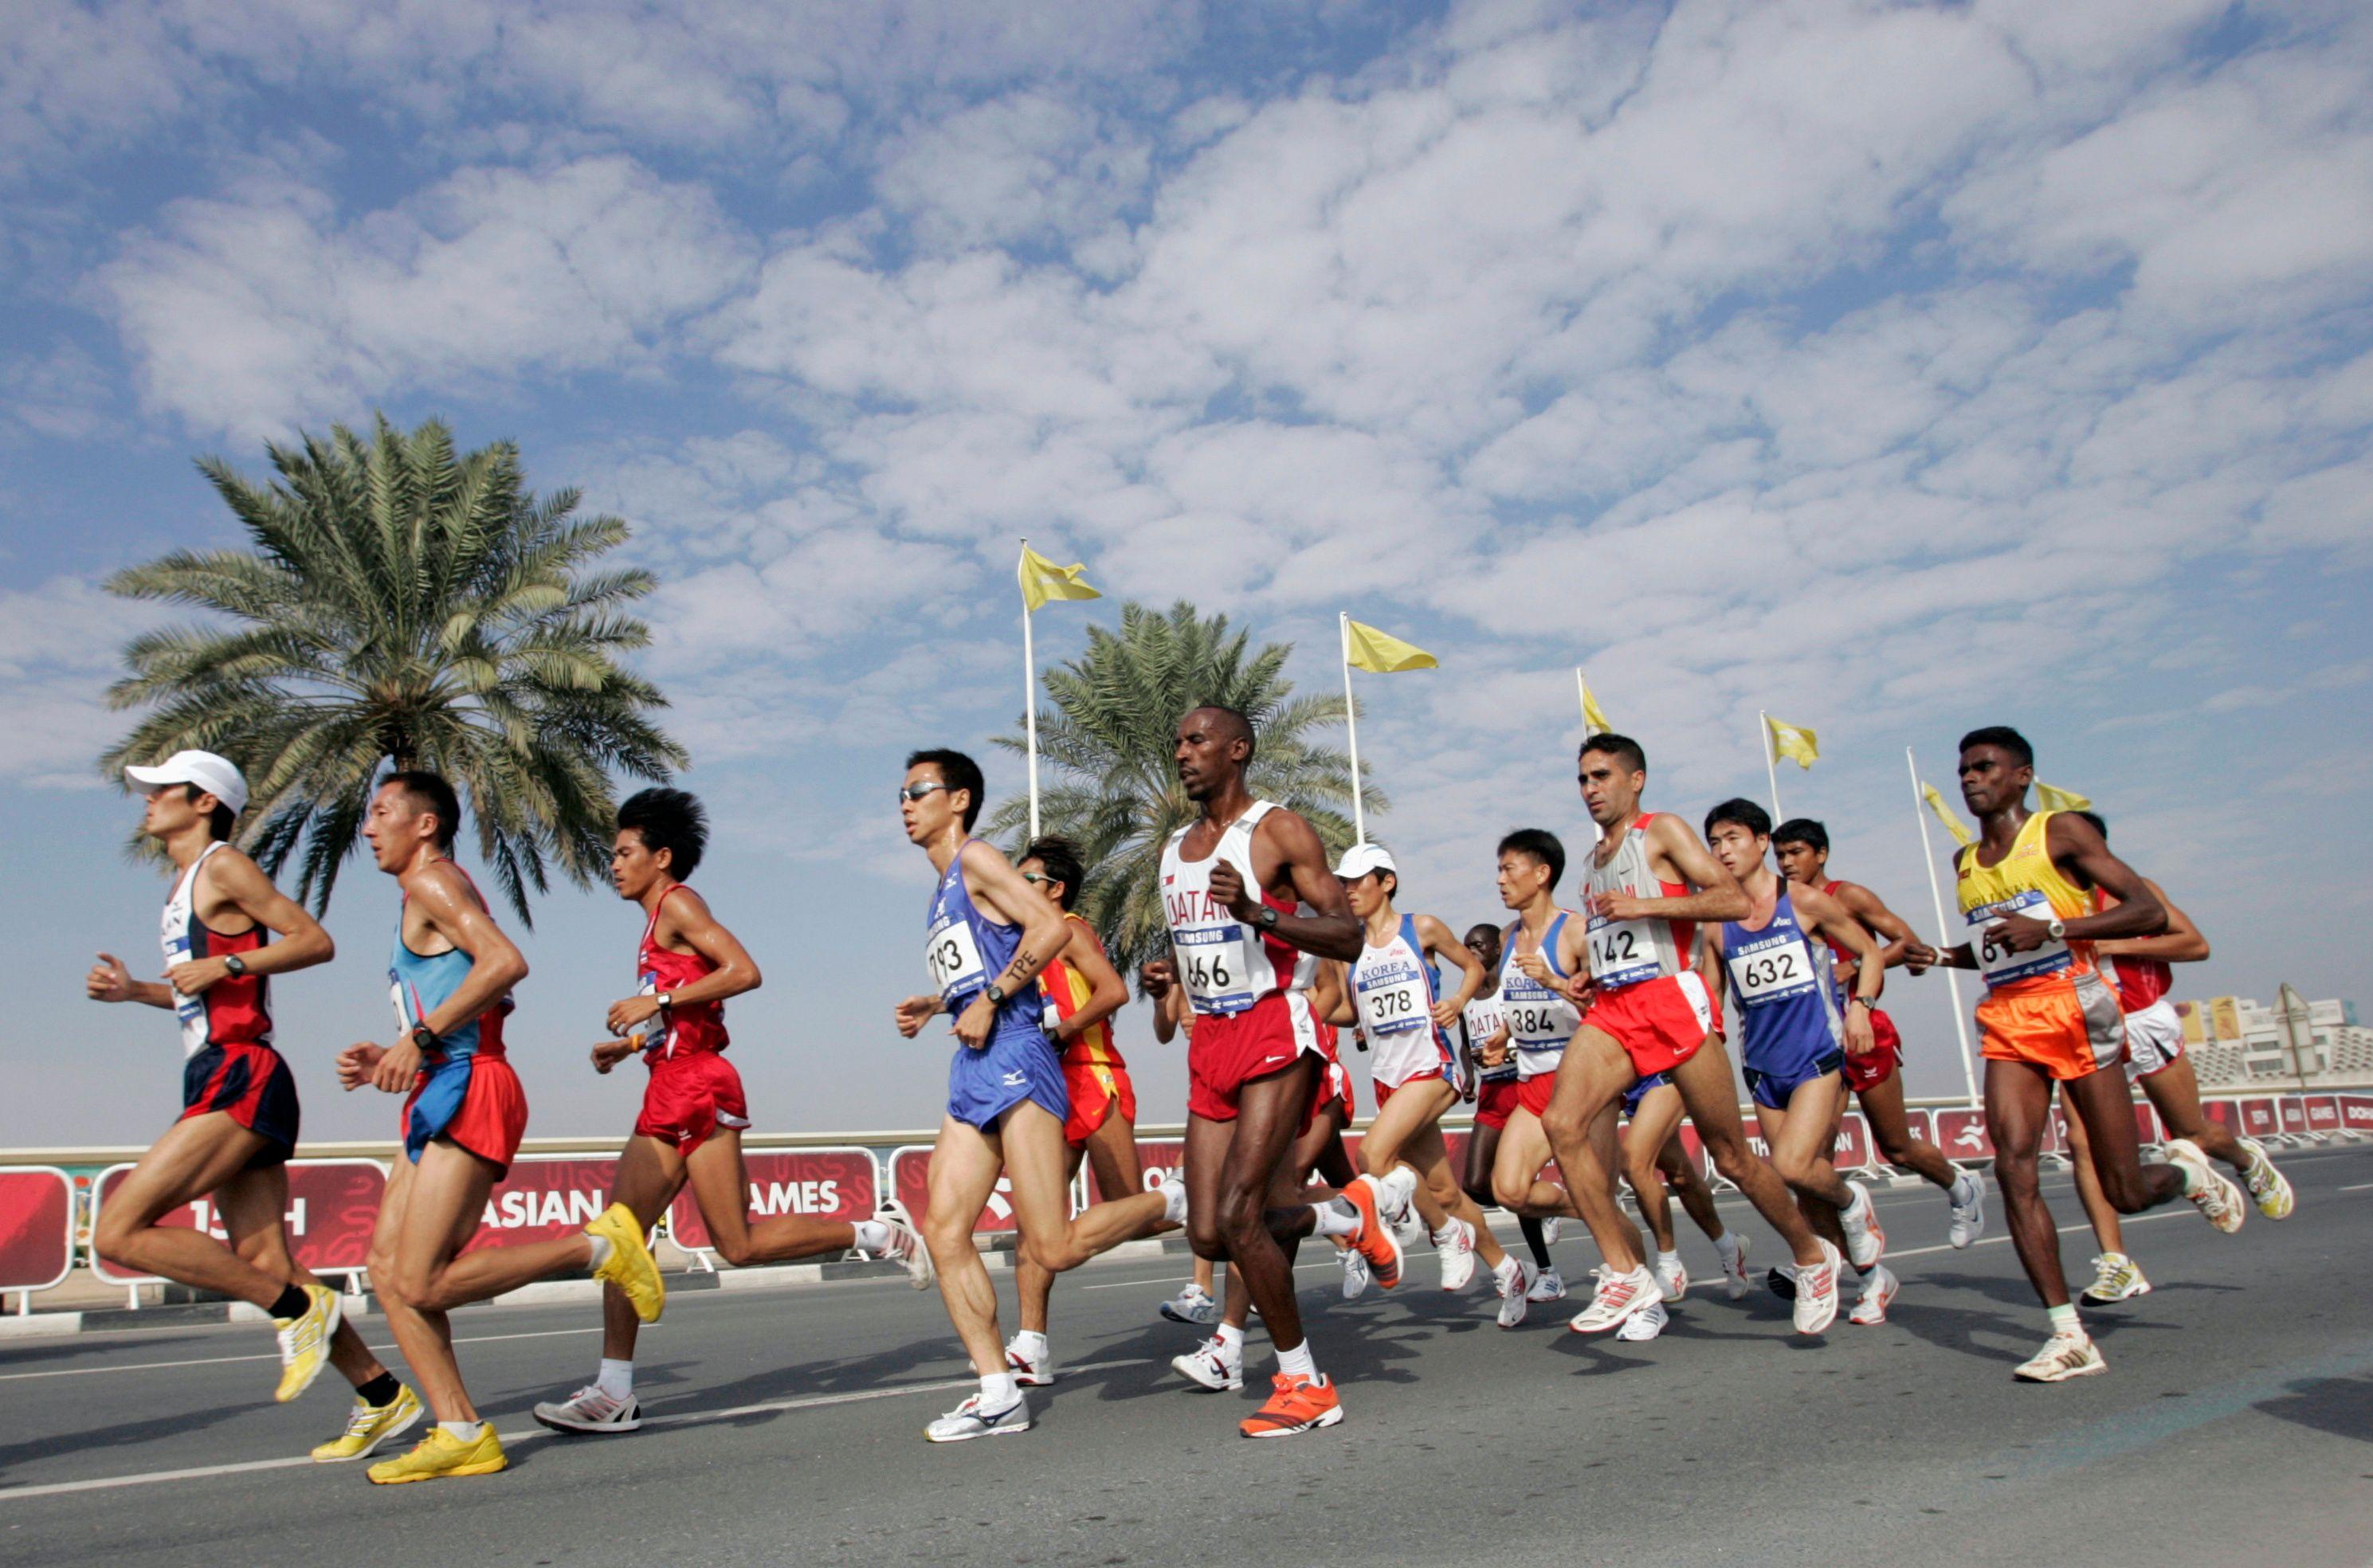 Un marathon couru au Qatar en 2006.